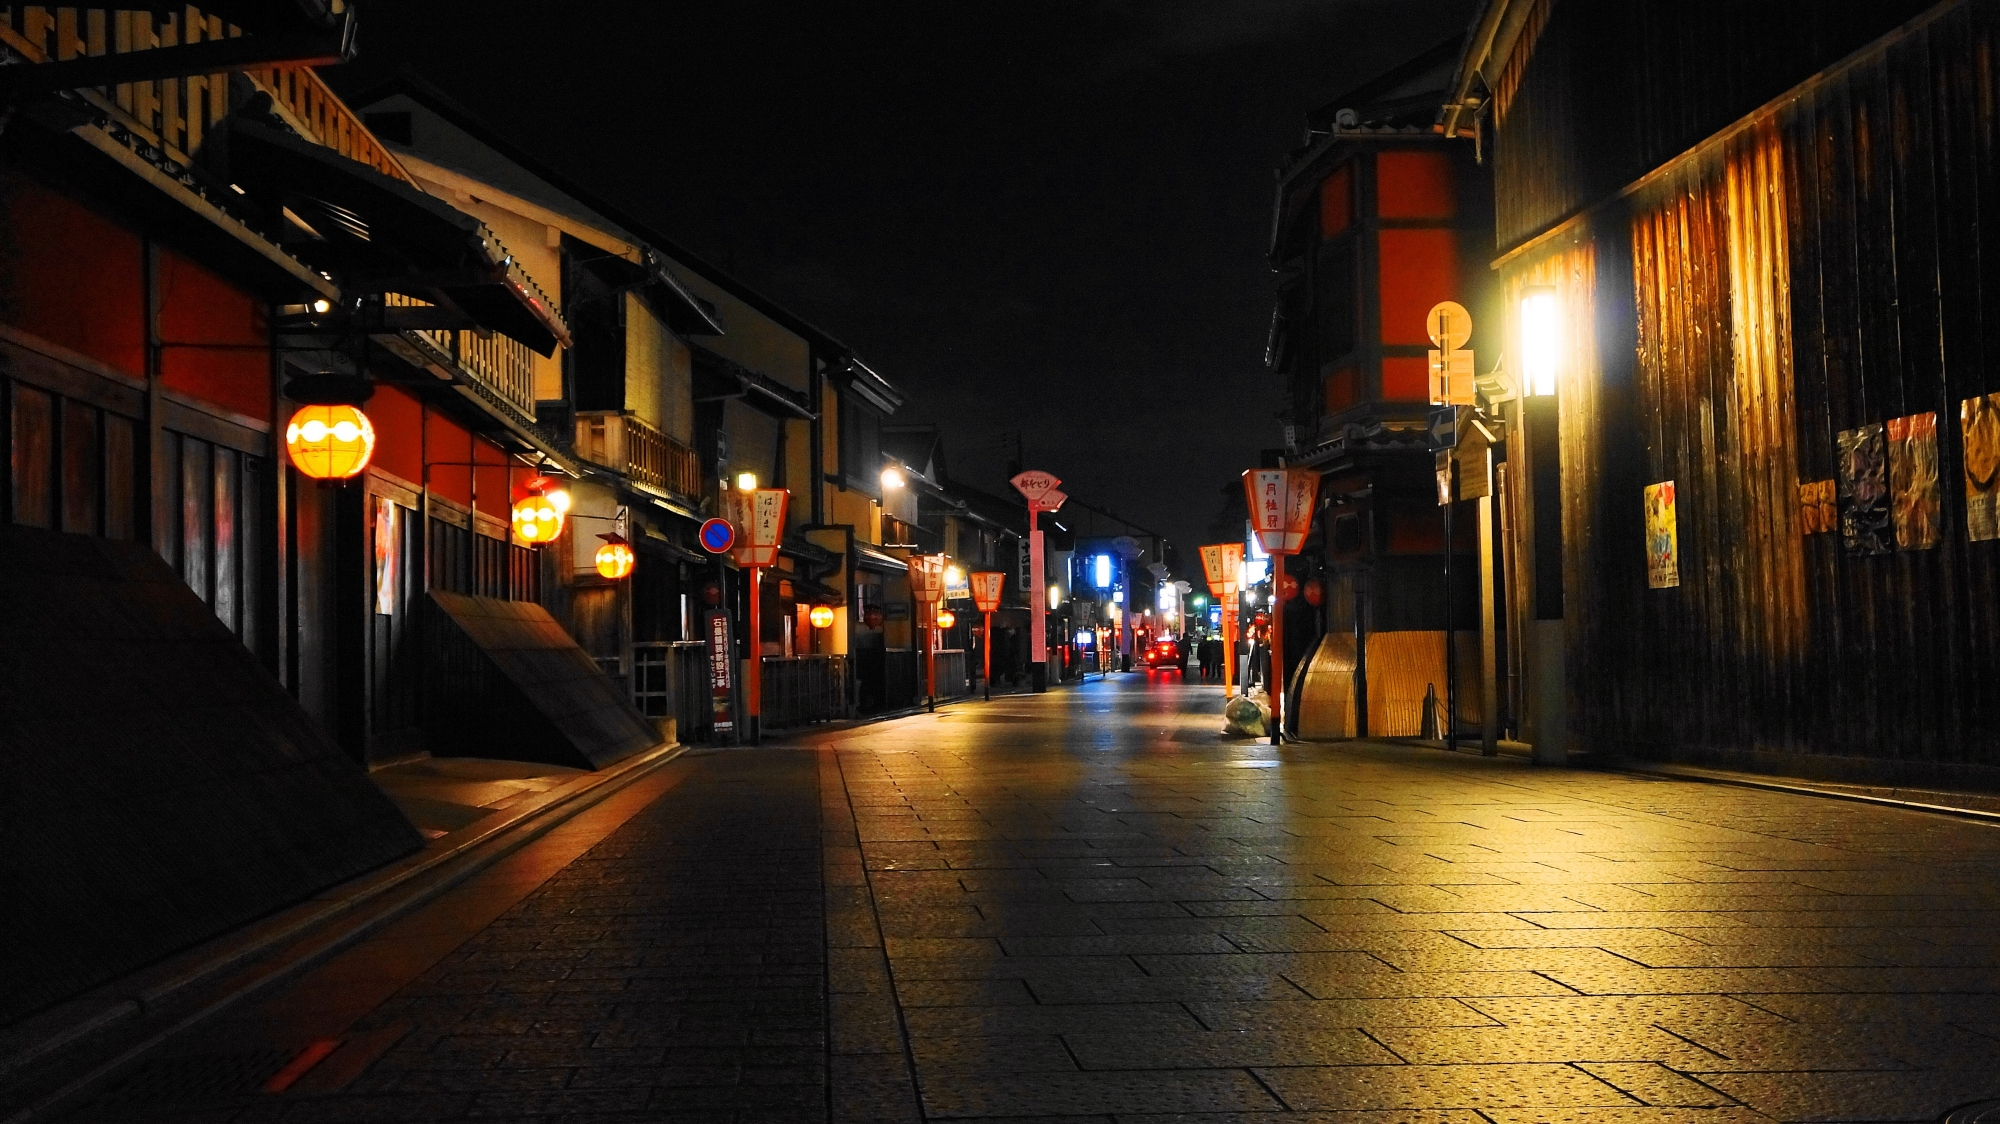 はなみこうじどおり 夜 花見小路通 高画質京 都 写真